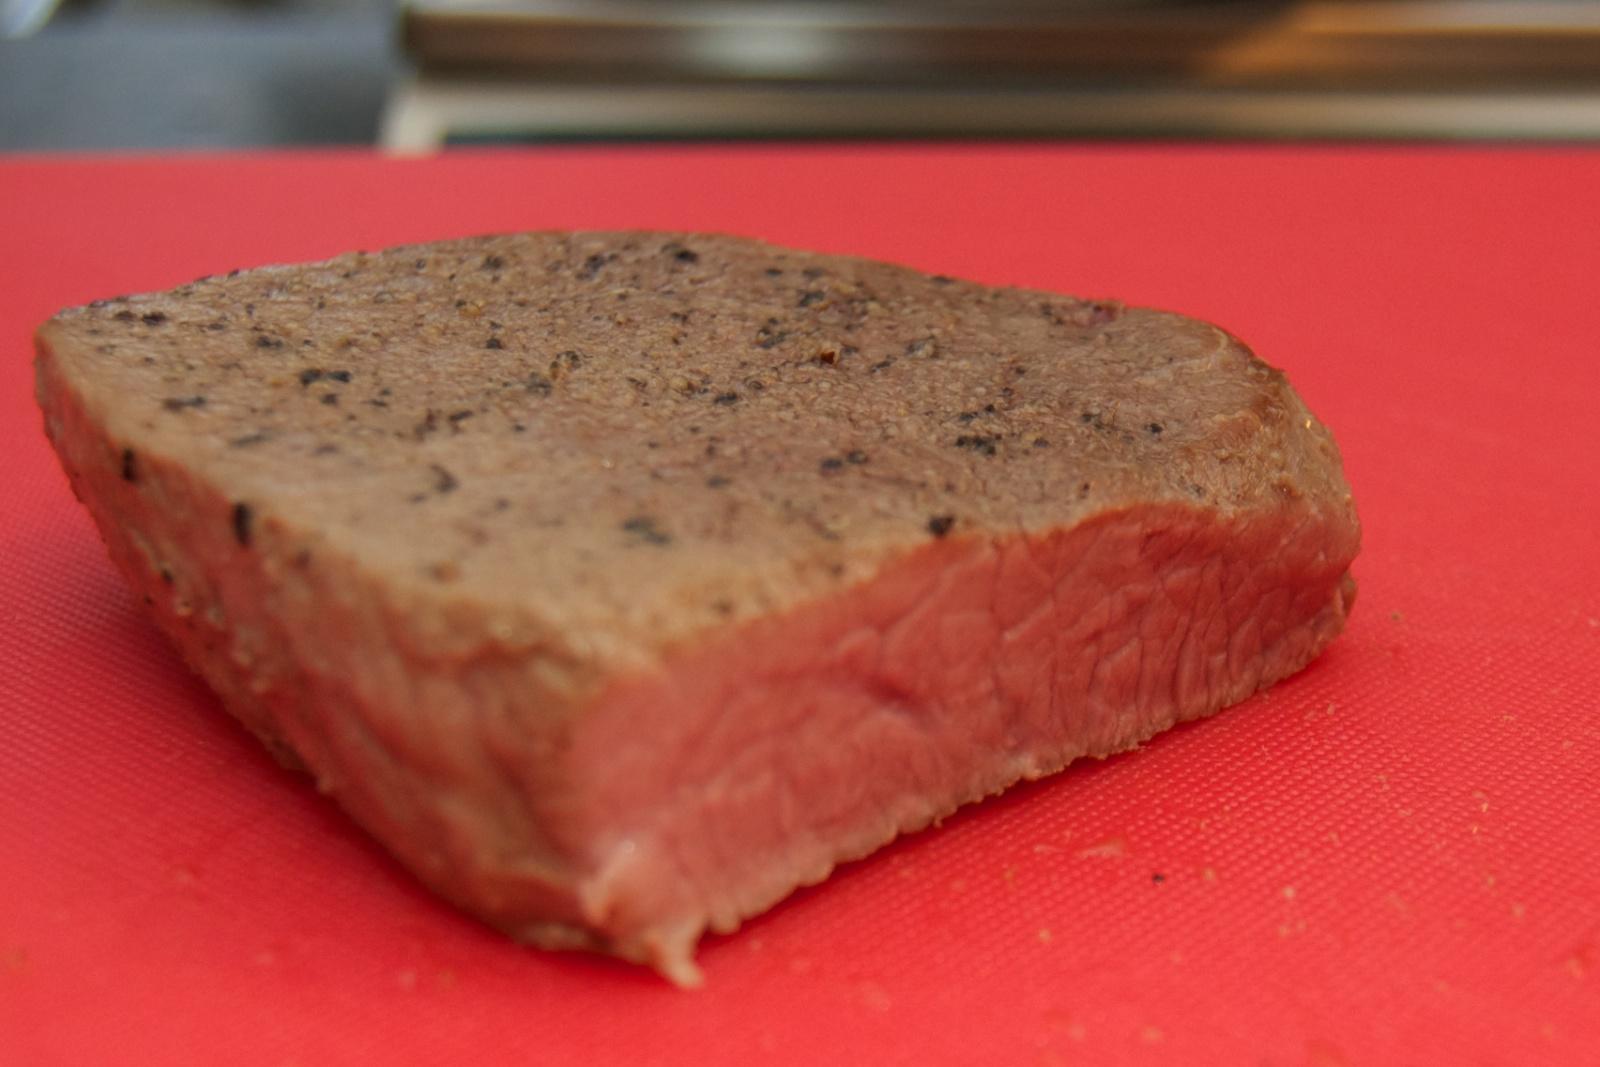 http://blog.rickk.com/food/2010/11/06/roastbeef3.jpg